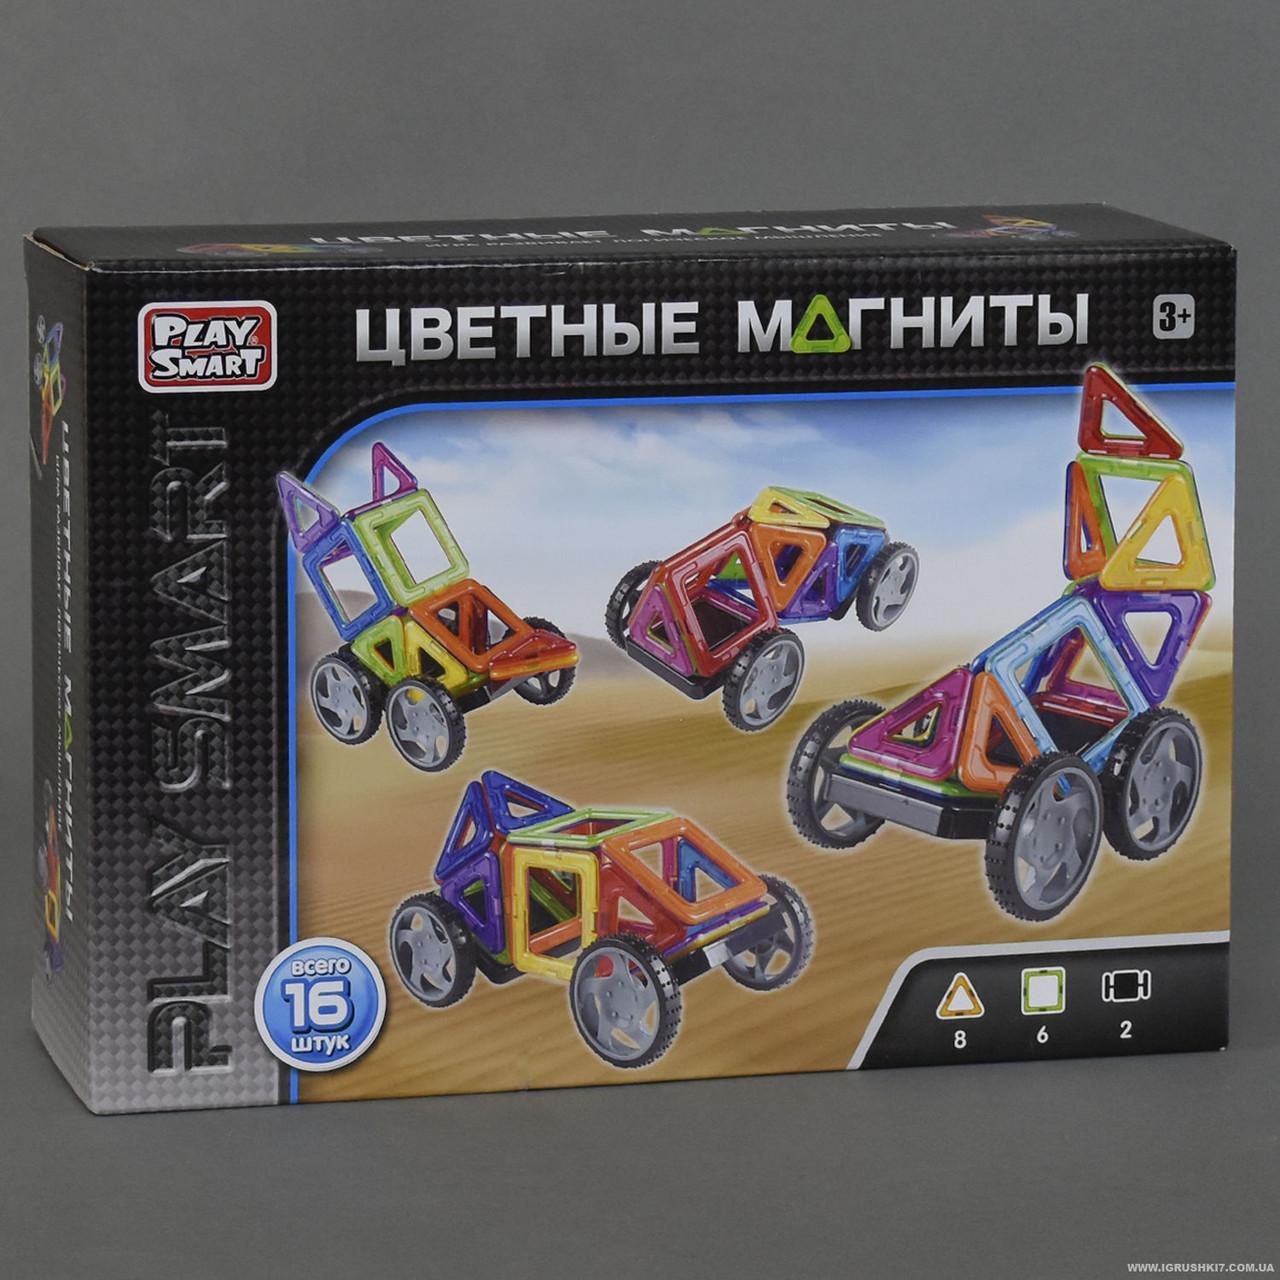 Конструктор 2426 магнитный, 16 деталей, 5 моделей, в коробке